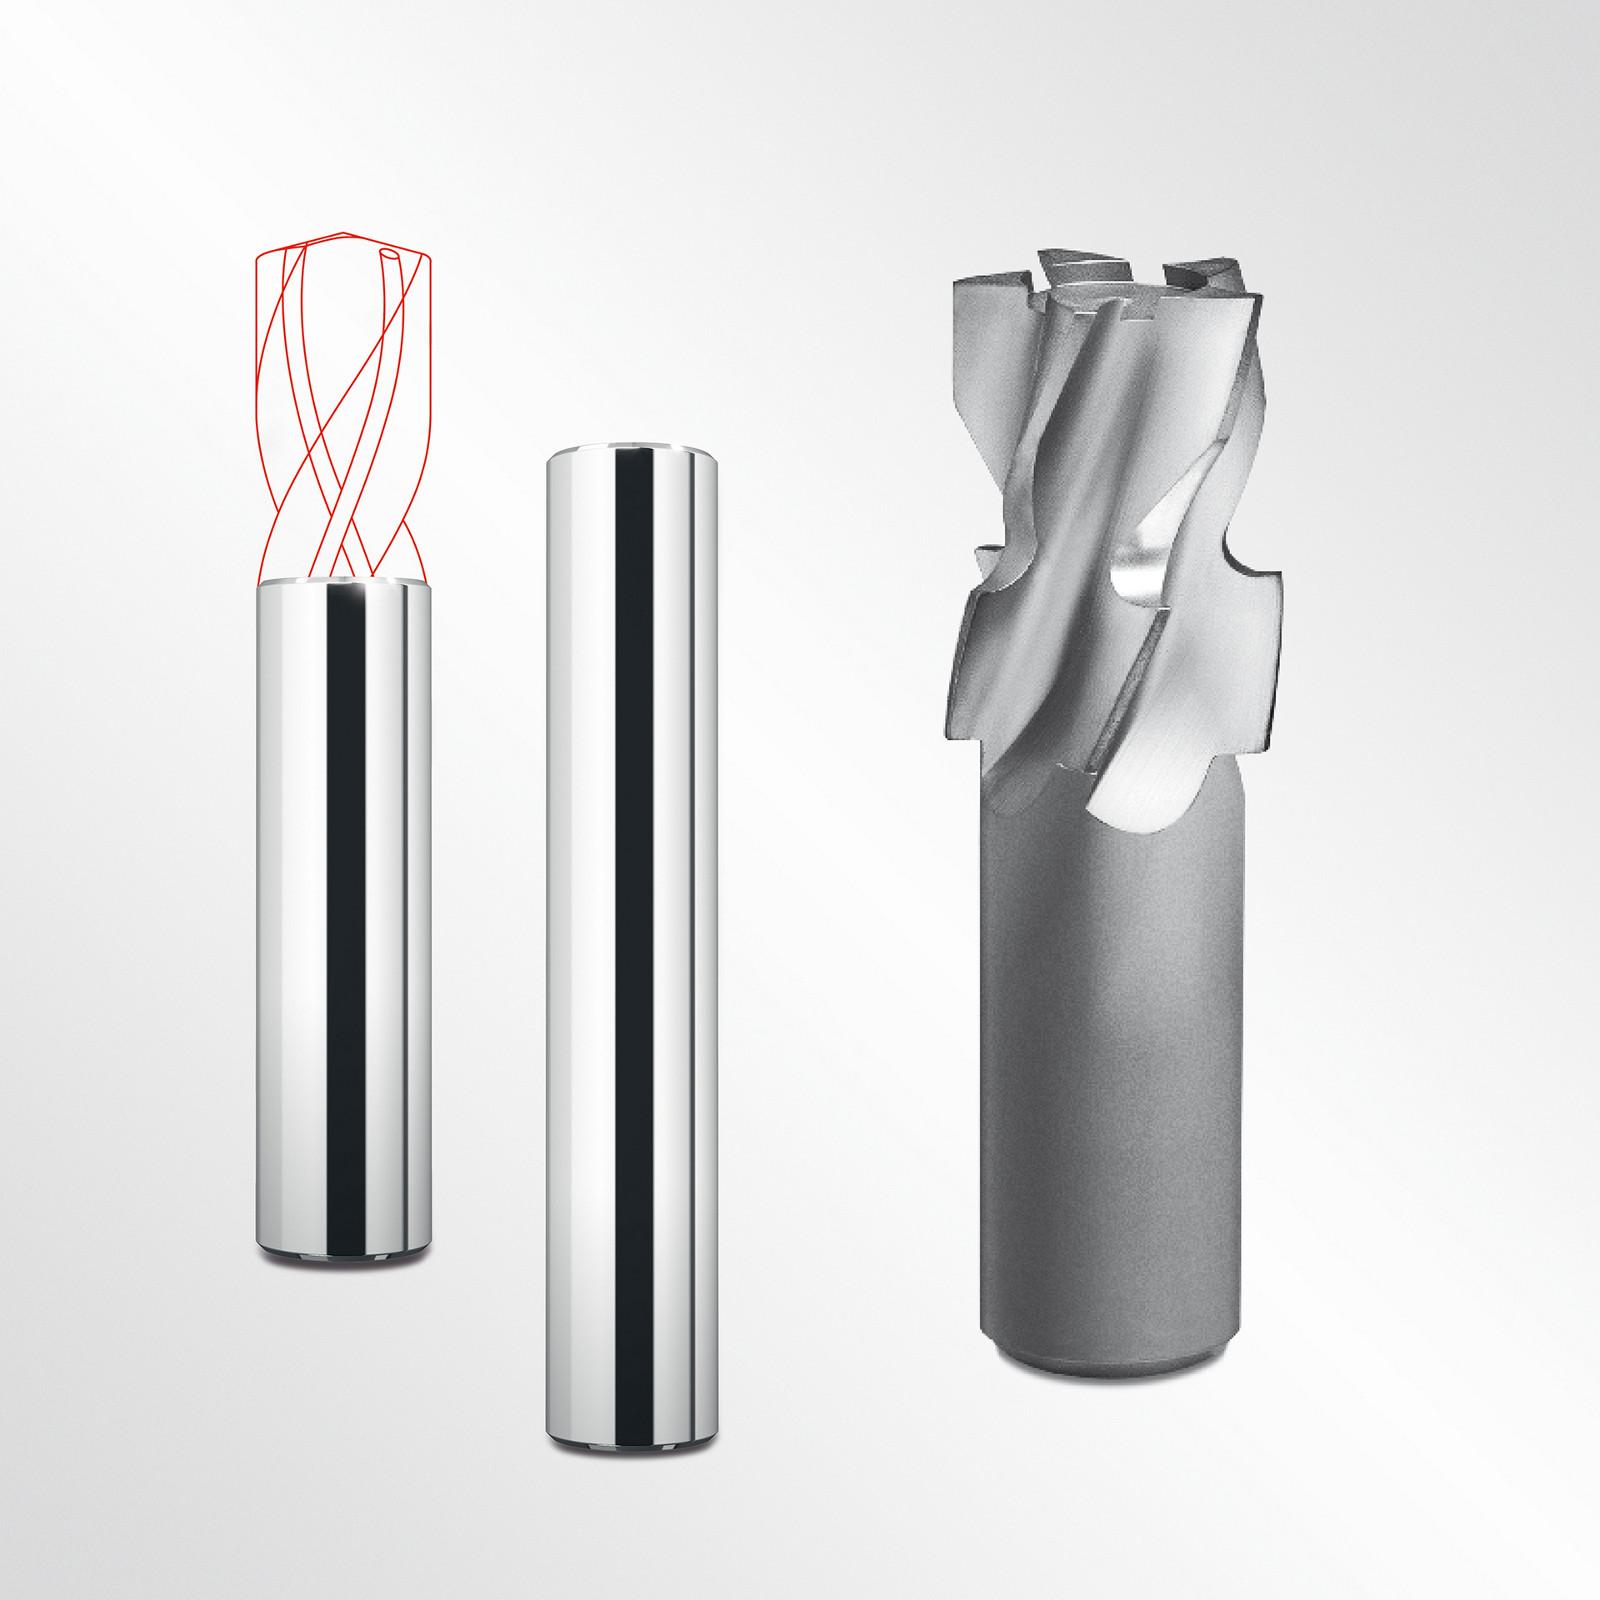 Werkzeuge zur Metallzerspanung